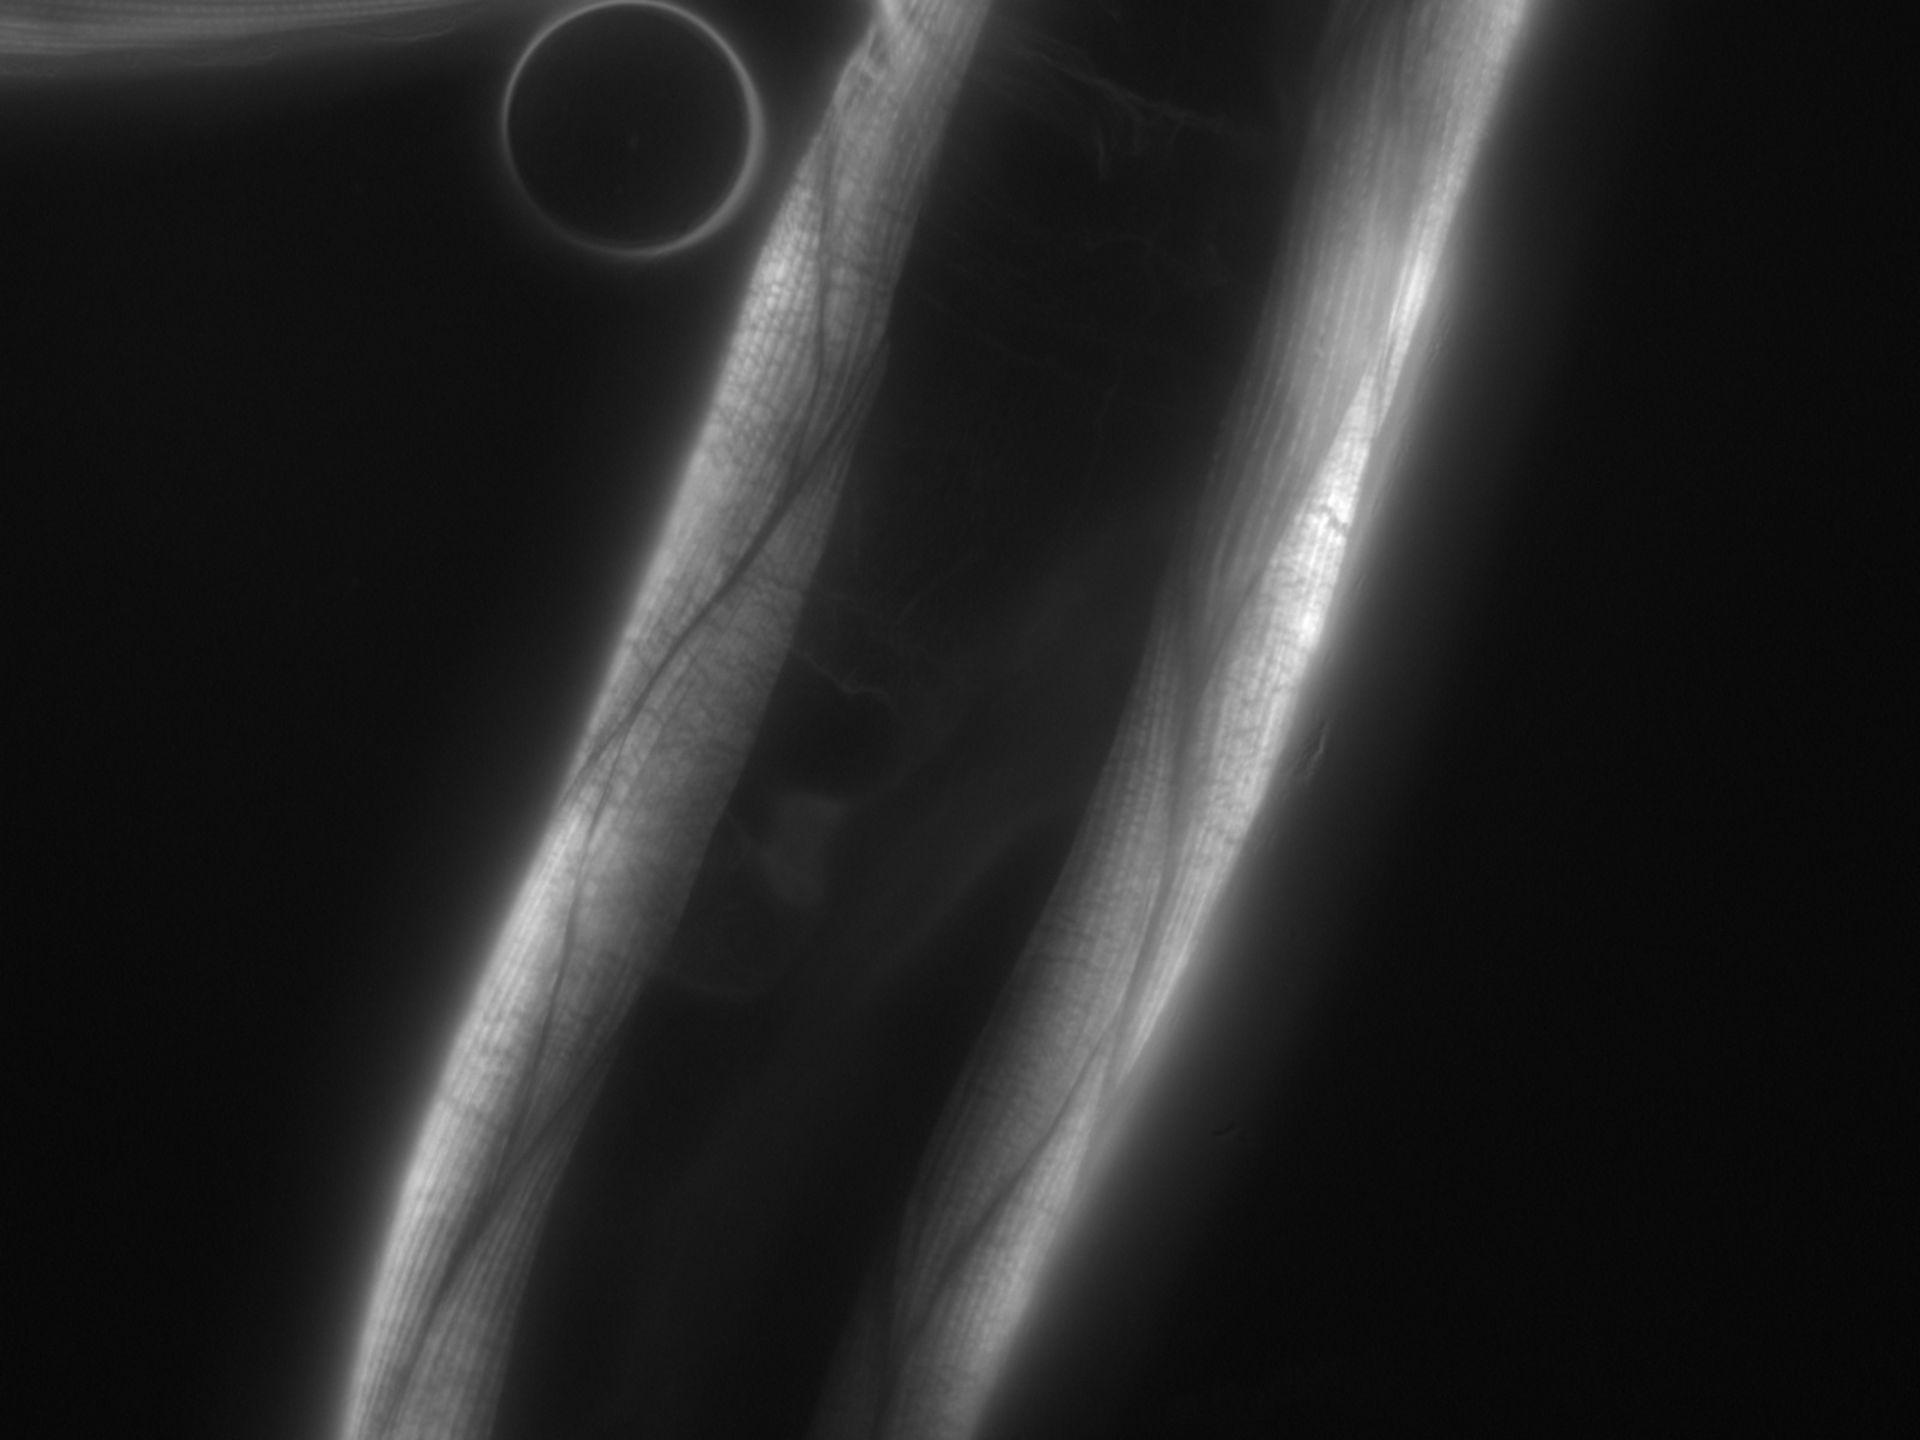 Caenorhabditis elegans (Actin filament) - CIL:1067